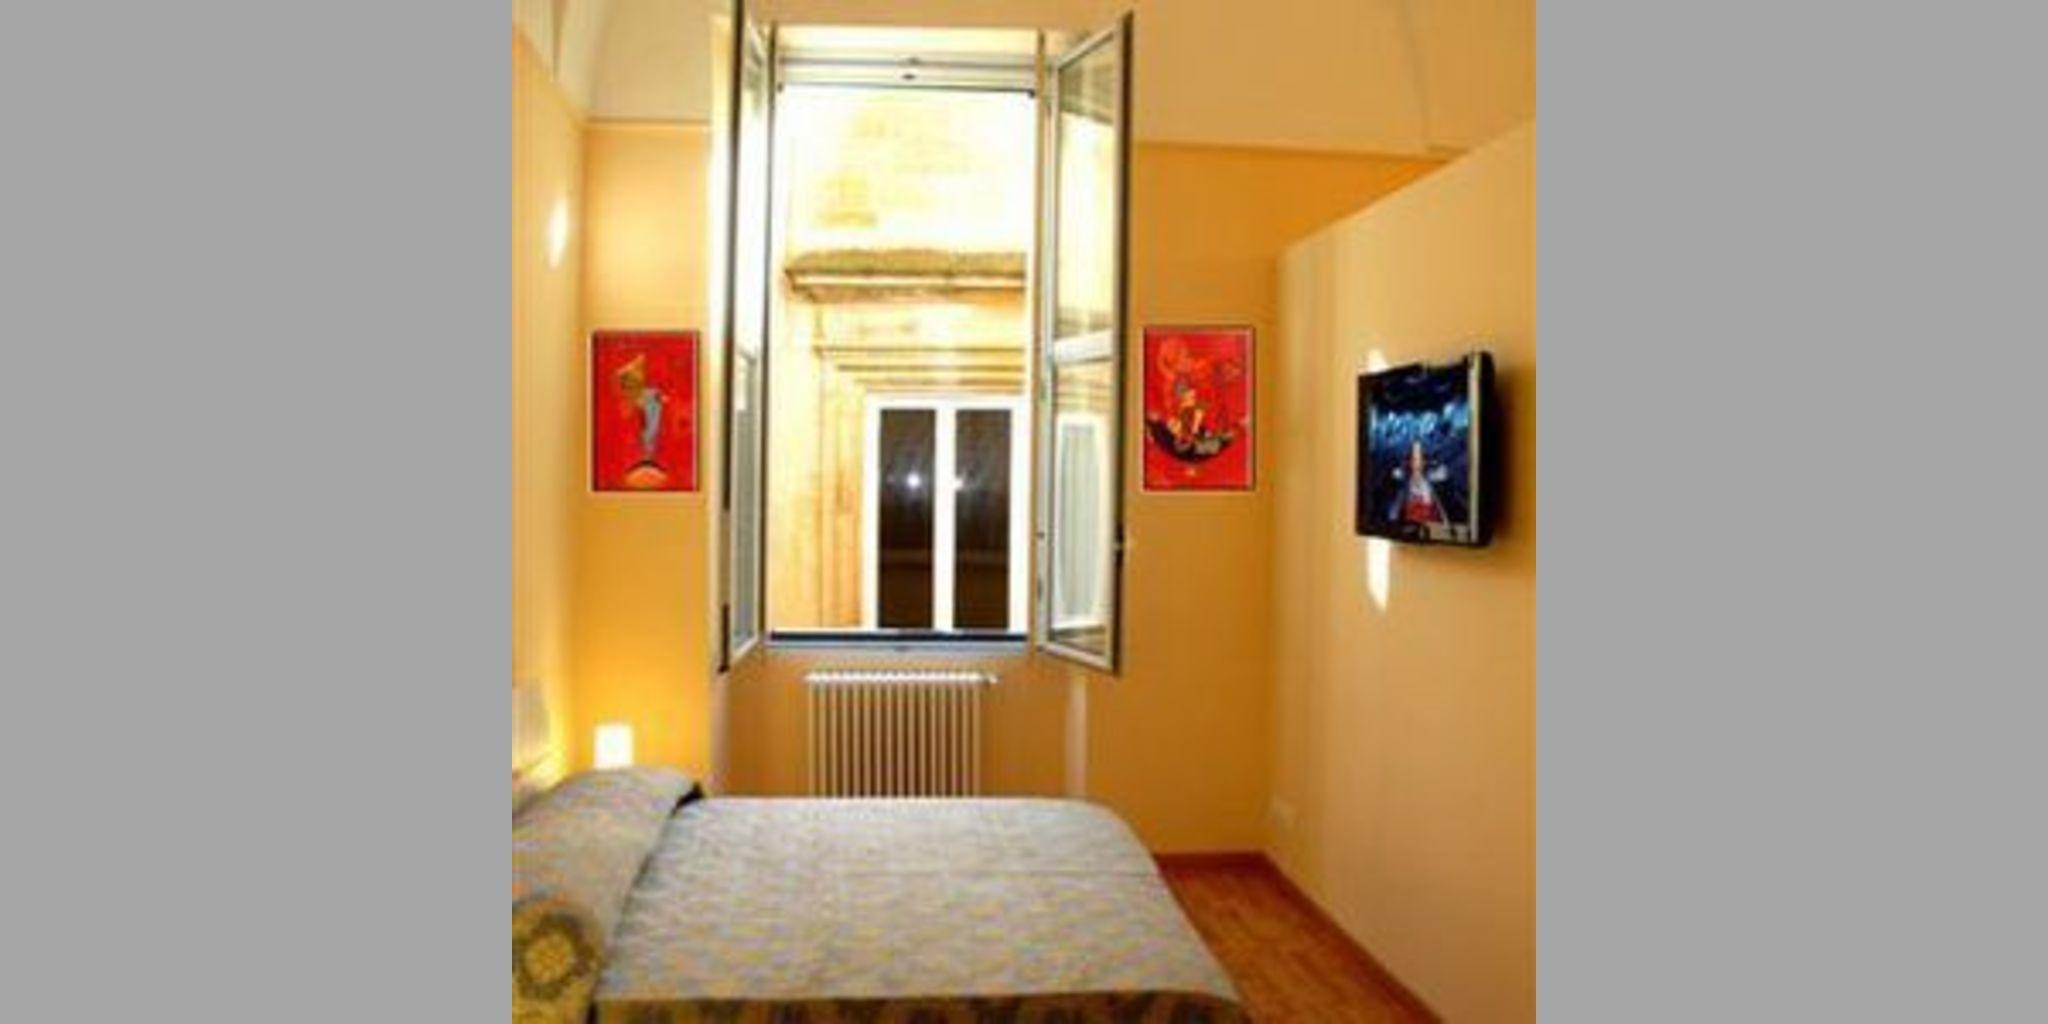 Bed & Breakfast Lecce - Grazioso B&B In Centro Storico Lecce